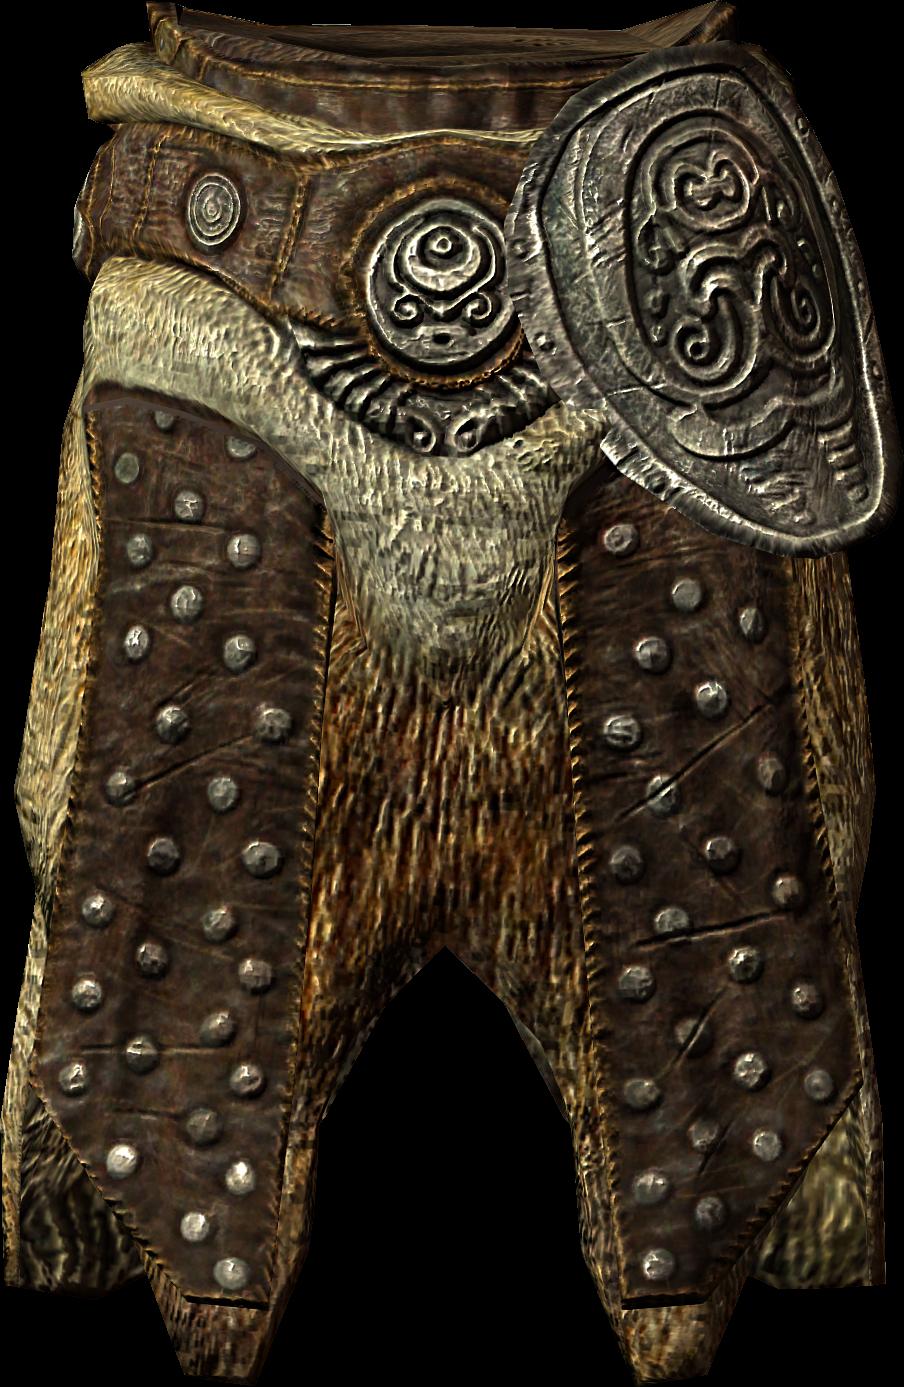 oblivion mods please   Elder Scrolls   FANDOM powered by Wikia